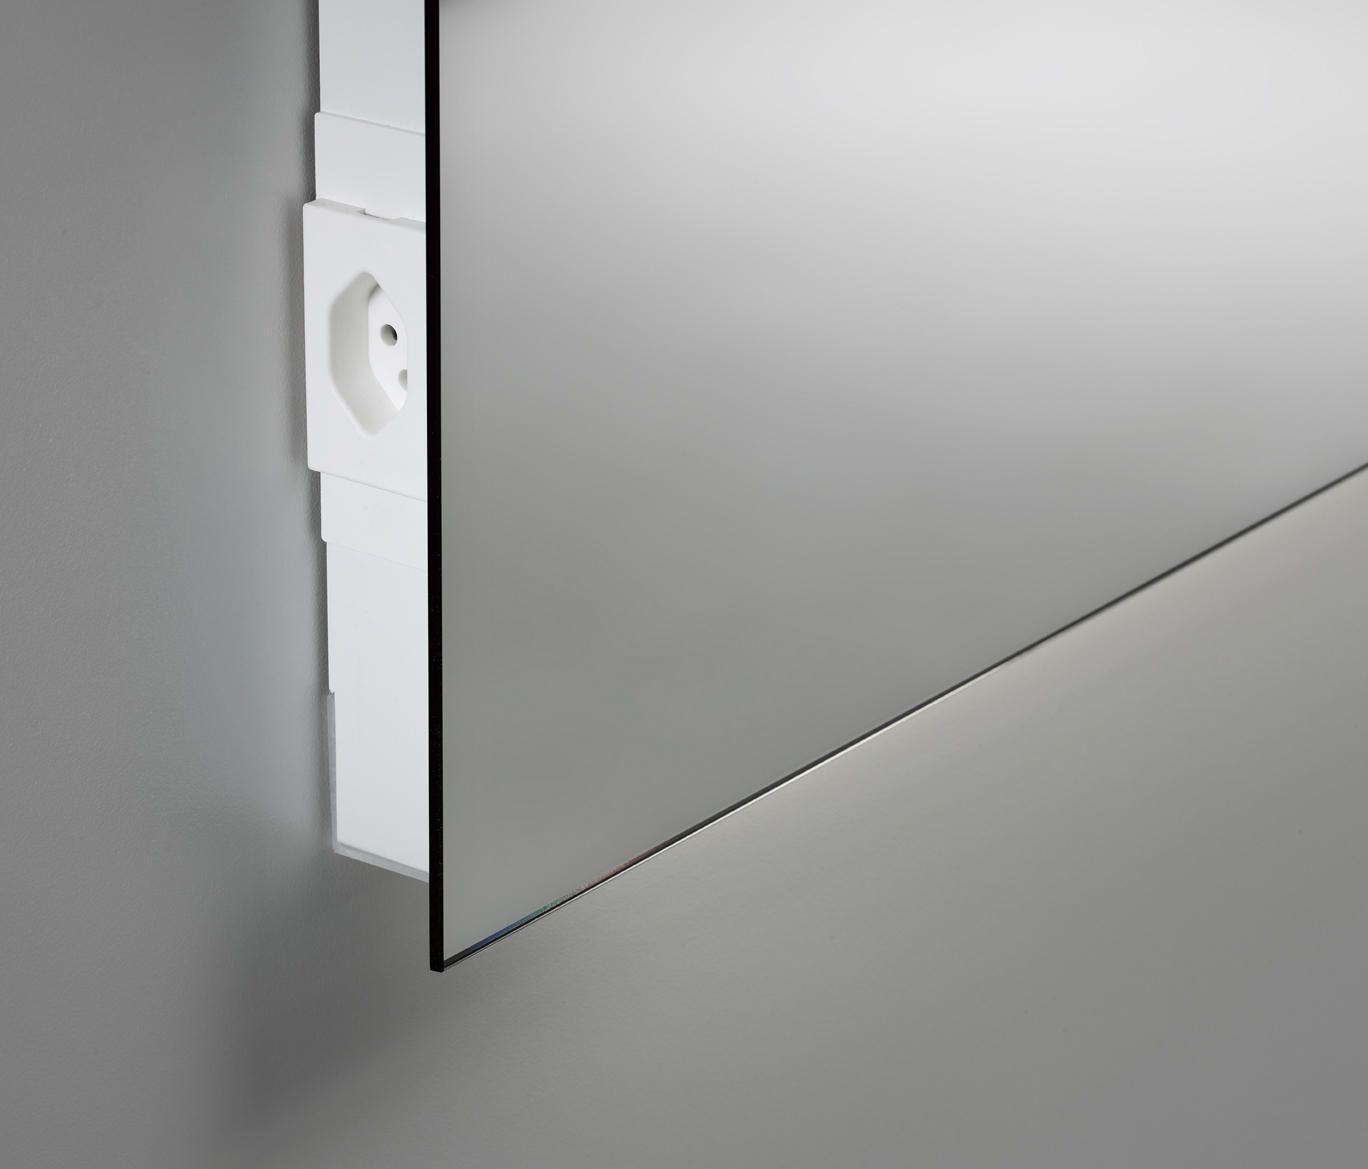 Spiegel Cover Mit Steckdose Von Talsee Wandspiegel Bad Spiegel Beleuchtung Spiegelwand Diy Badezimmerspiegel